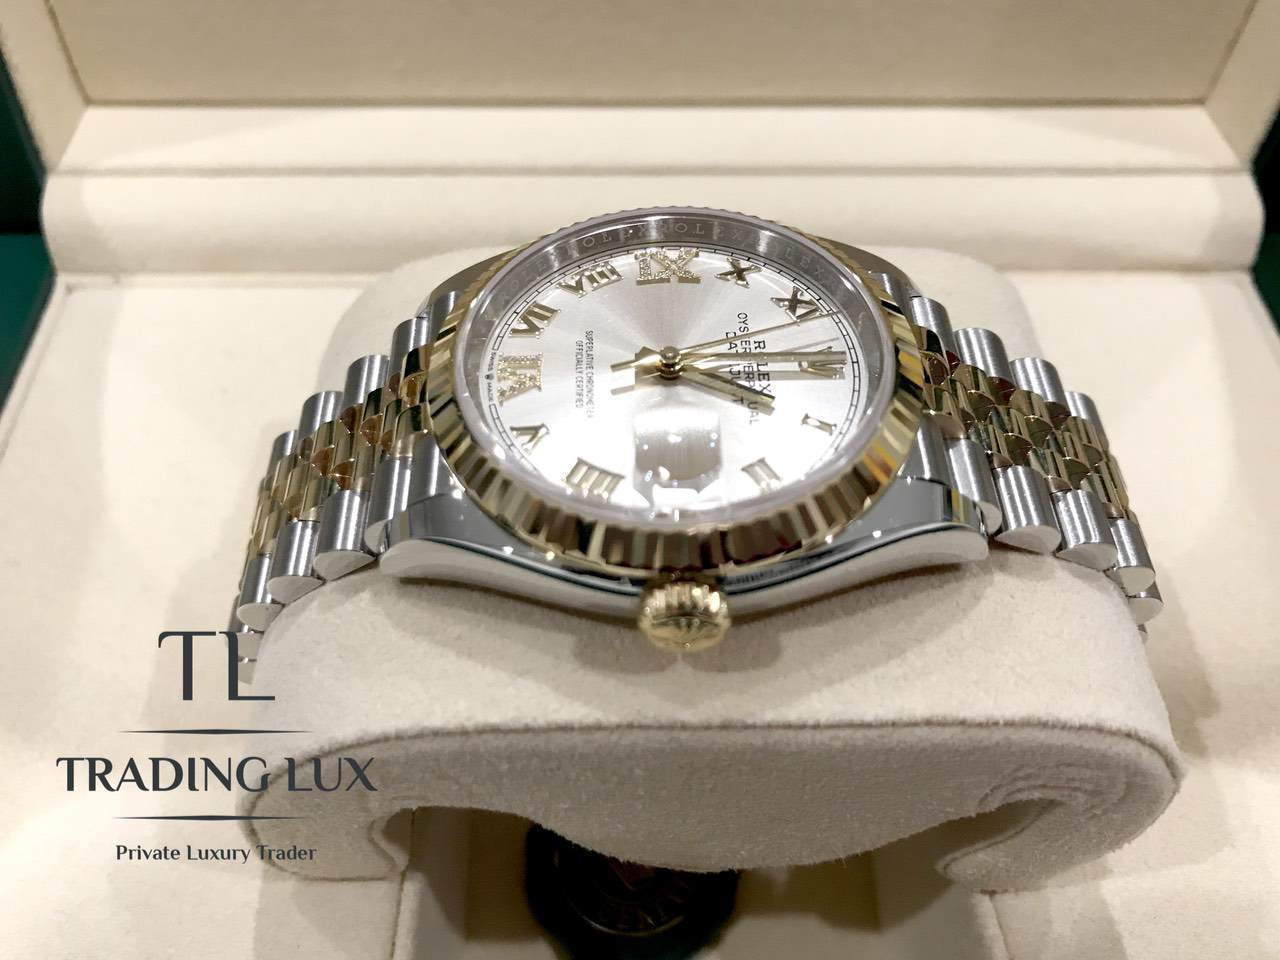 Rolex-Datejust-Silver-Roman-Numeral-126233-5